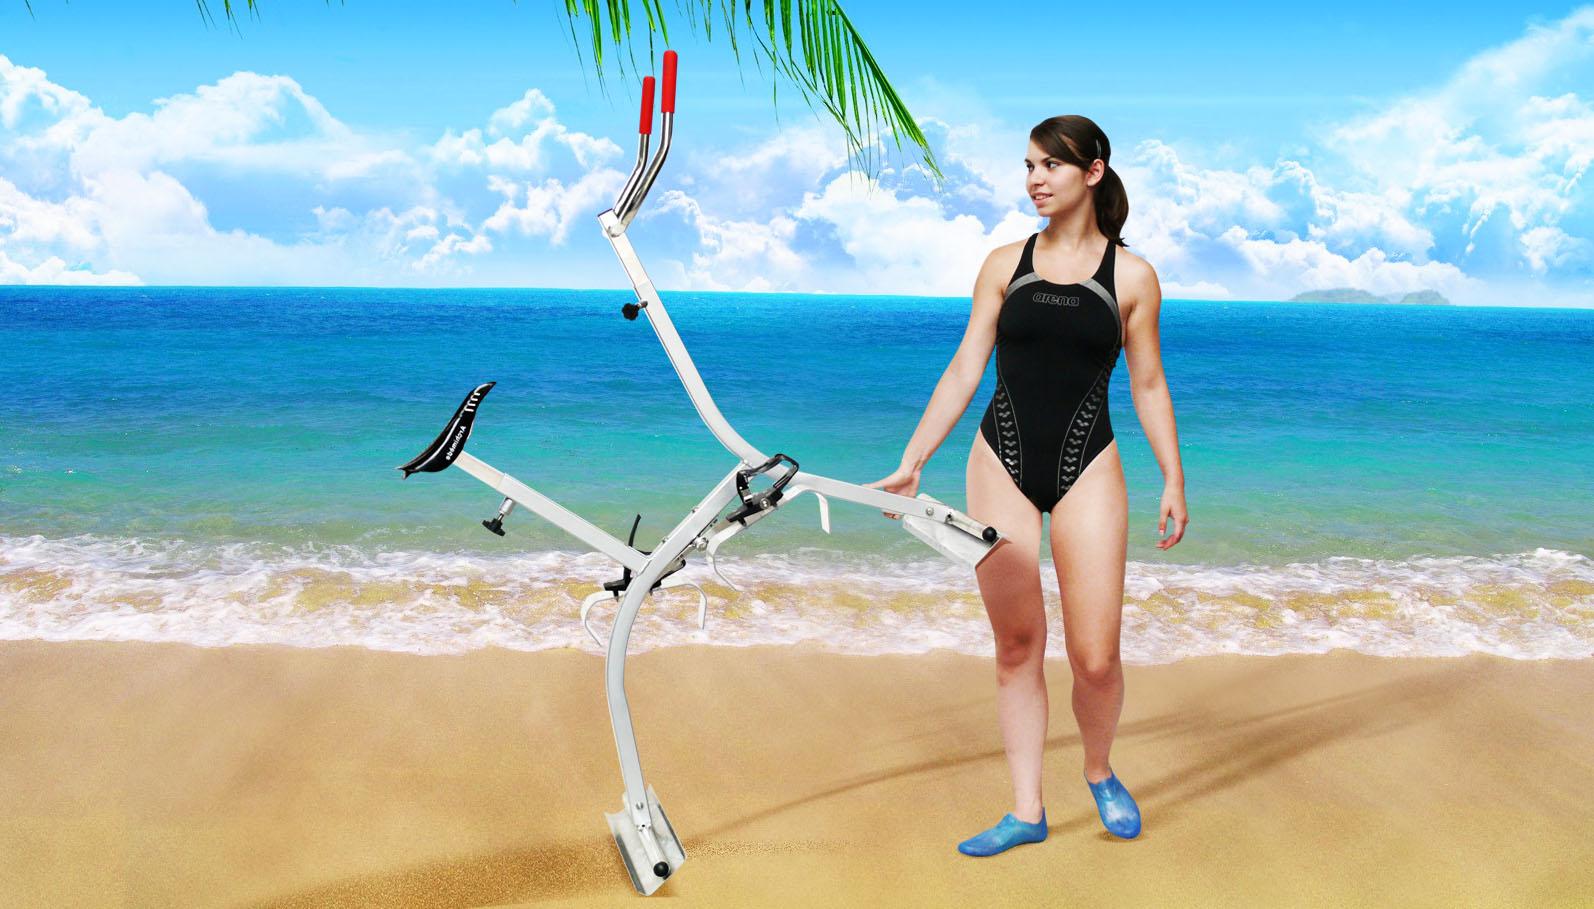 montage 2 beach bike